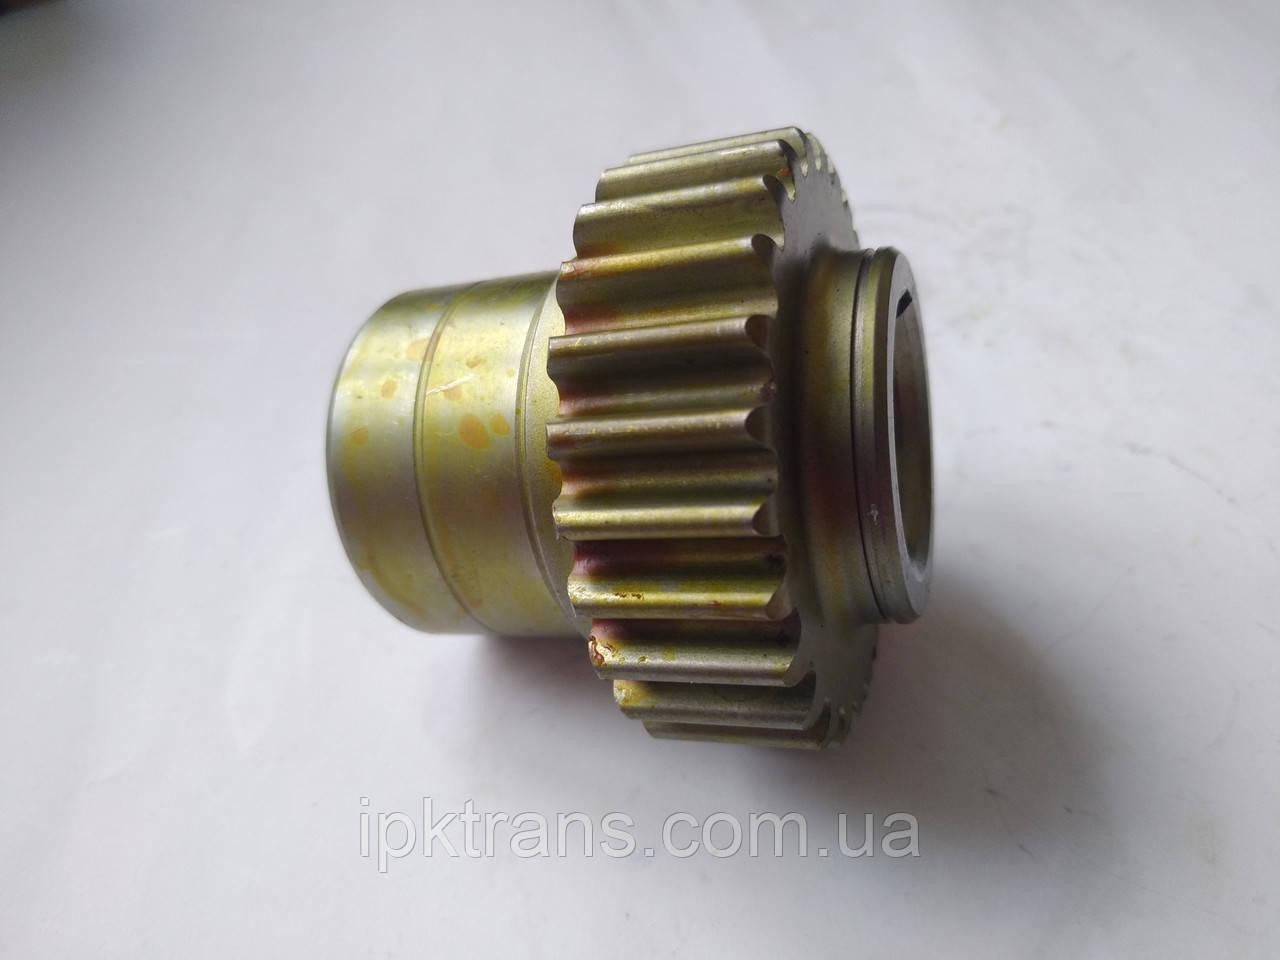 Шестерня привода масляного насоса Toyota 5K (2925 грн)  13613-78122-71, 136137812271